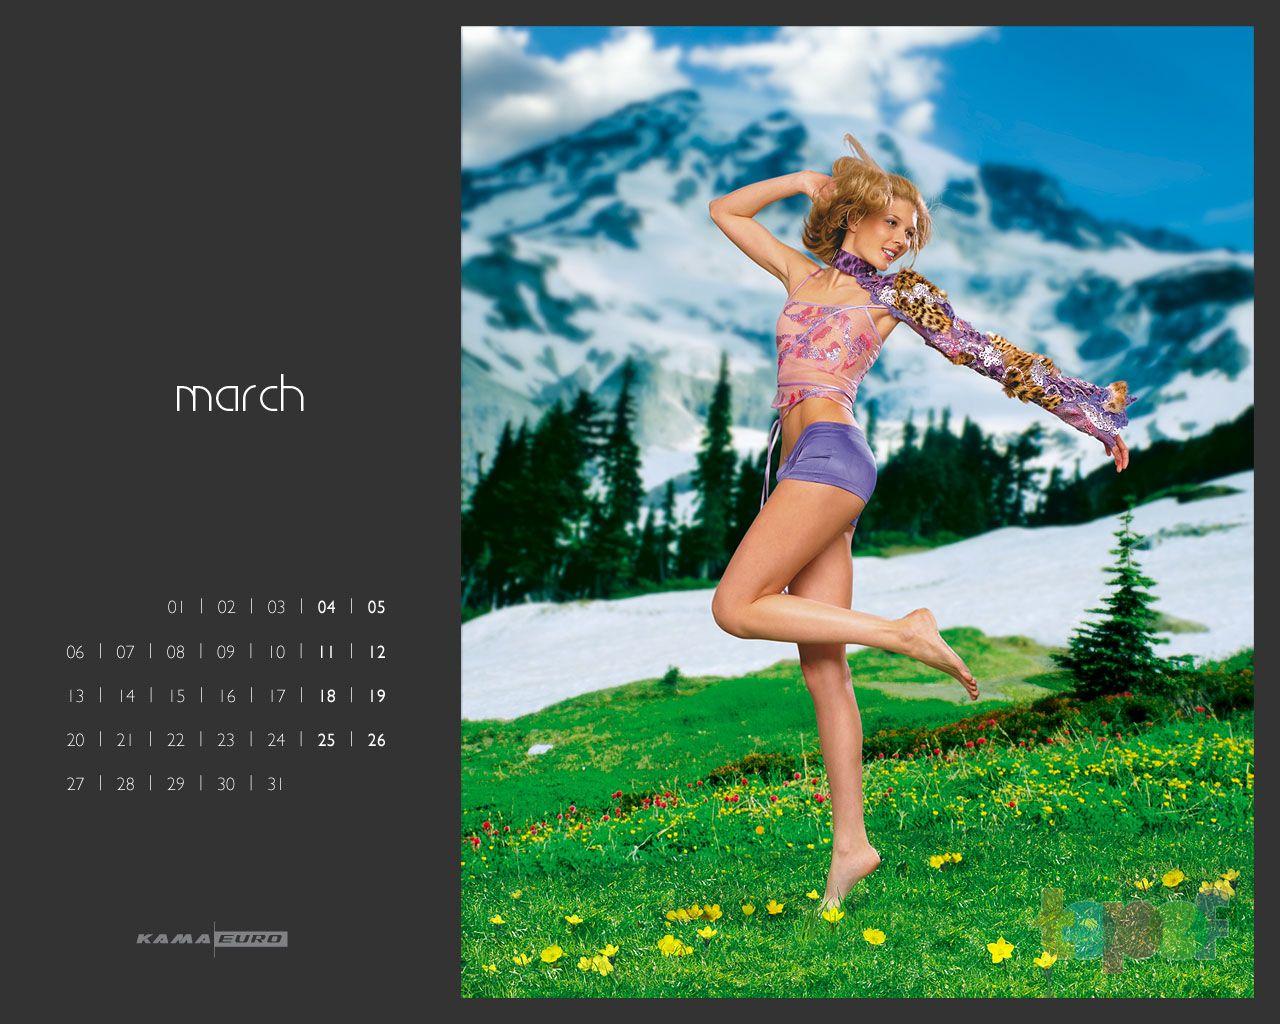 eroticheskiy-kalendar-ot-bridzhstoun